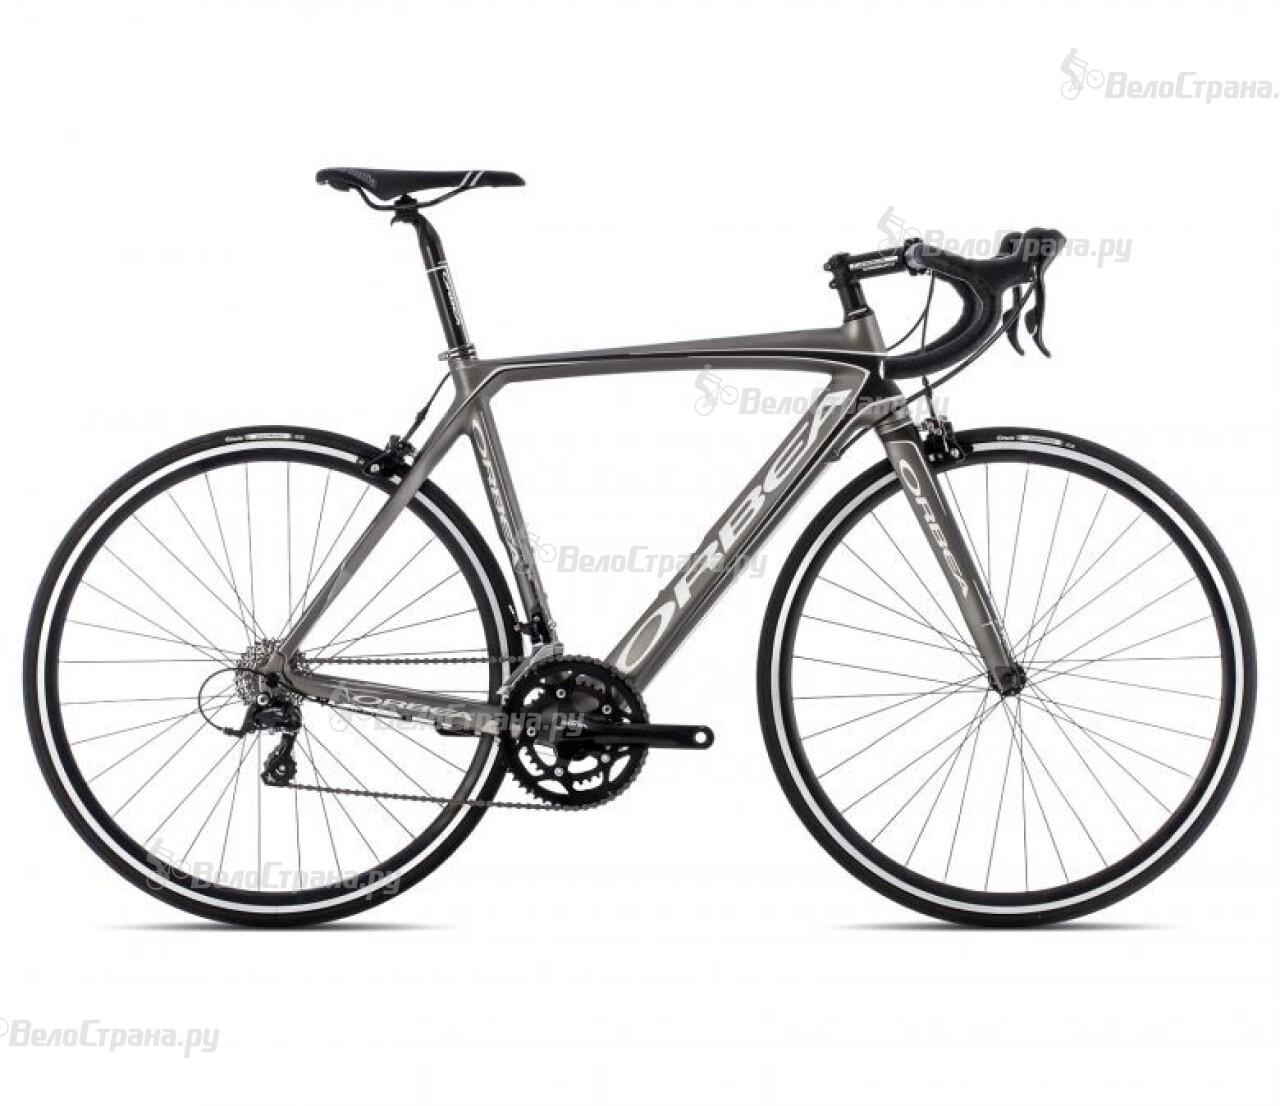 Велосипед Orbea Orca B M70 (2014) велосипед orbea orca dama gth 2013